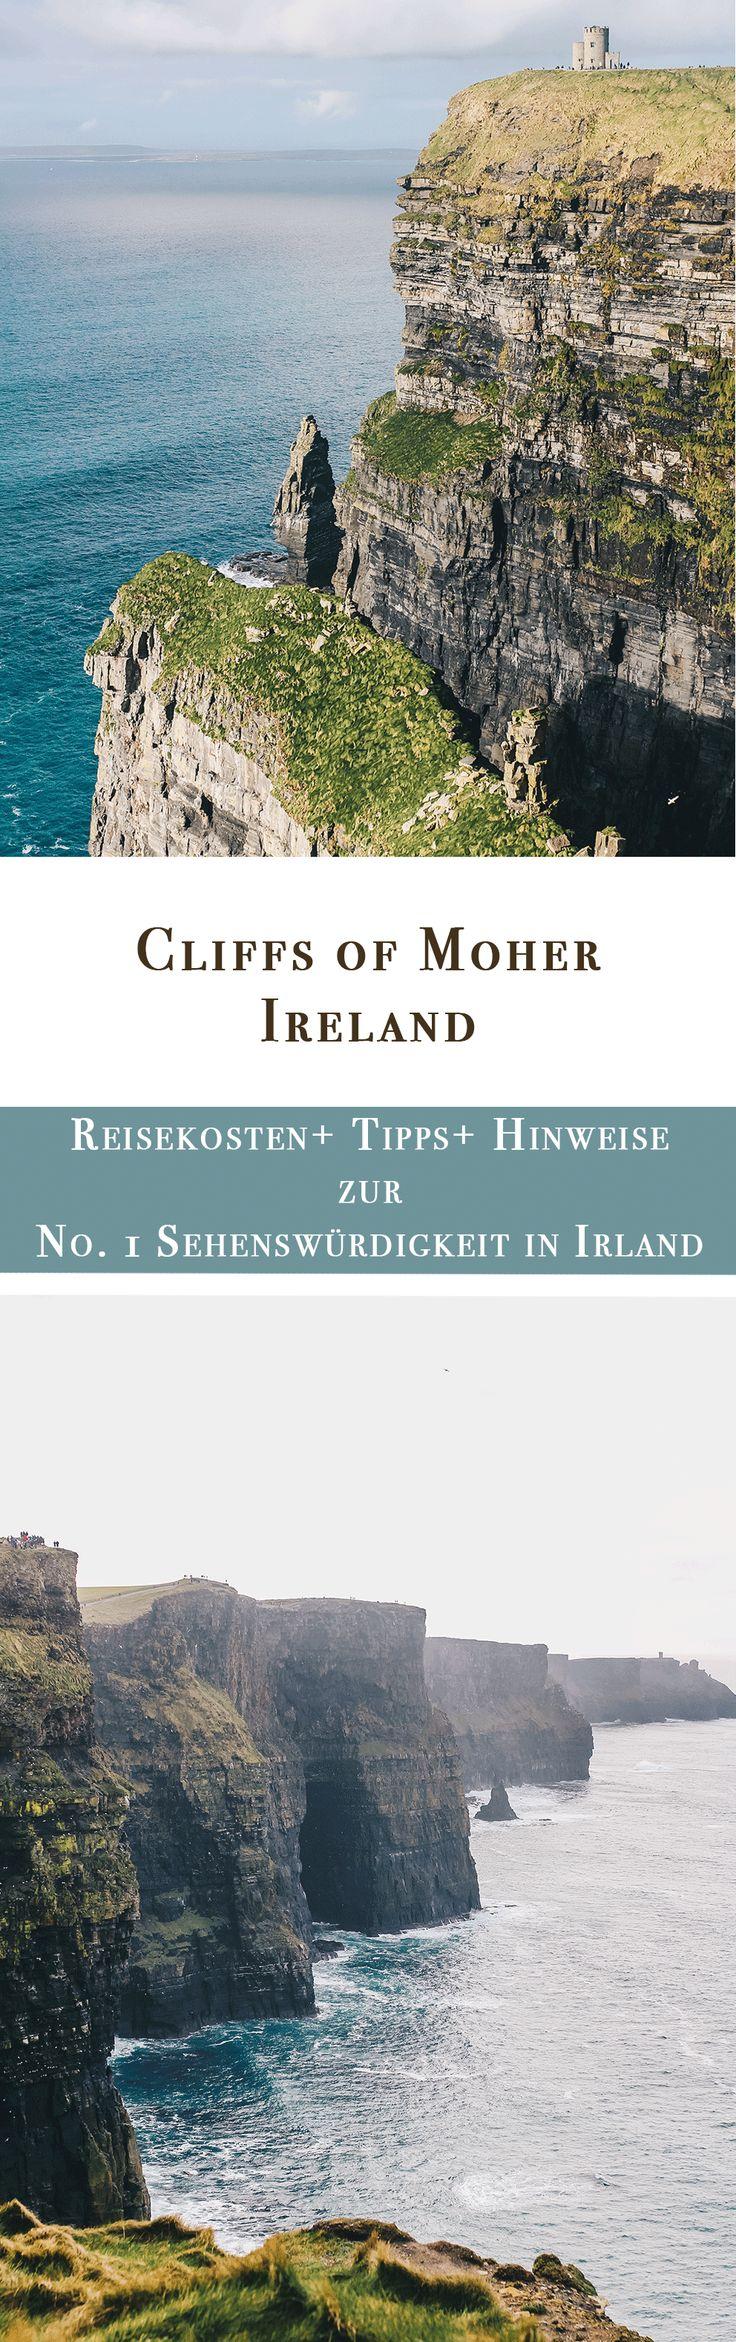 """Neues Wochenende, neuer Roadtrip in Irland. Letztes Wochenende ging es zu meinem Lieblingsplätzchen in Irland, Cliffs of Moher. Unfassbare Steilklippen, die über hunderte Meter aus dem Ozean fast senkrecht herausragen und einemden Atem rauben. Insgesamt fuhren wir in einer Gruppe von 17 internationalen Studenten nach Galway über's Wochenende um sowohl in der Stadt an sich, … """"1 Sehenswürdigkeit, die du in Irland gesehen haben musst. Cliffs of Moher."""" weiterlesen"""